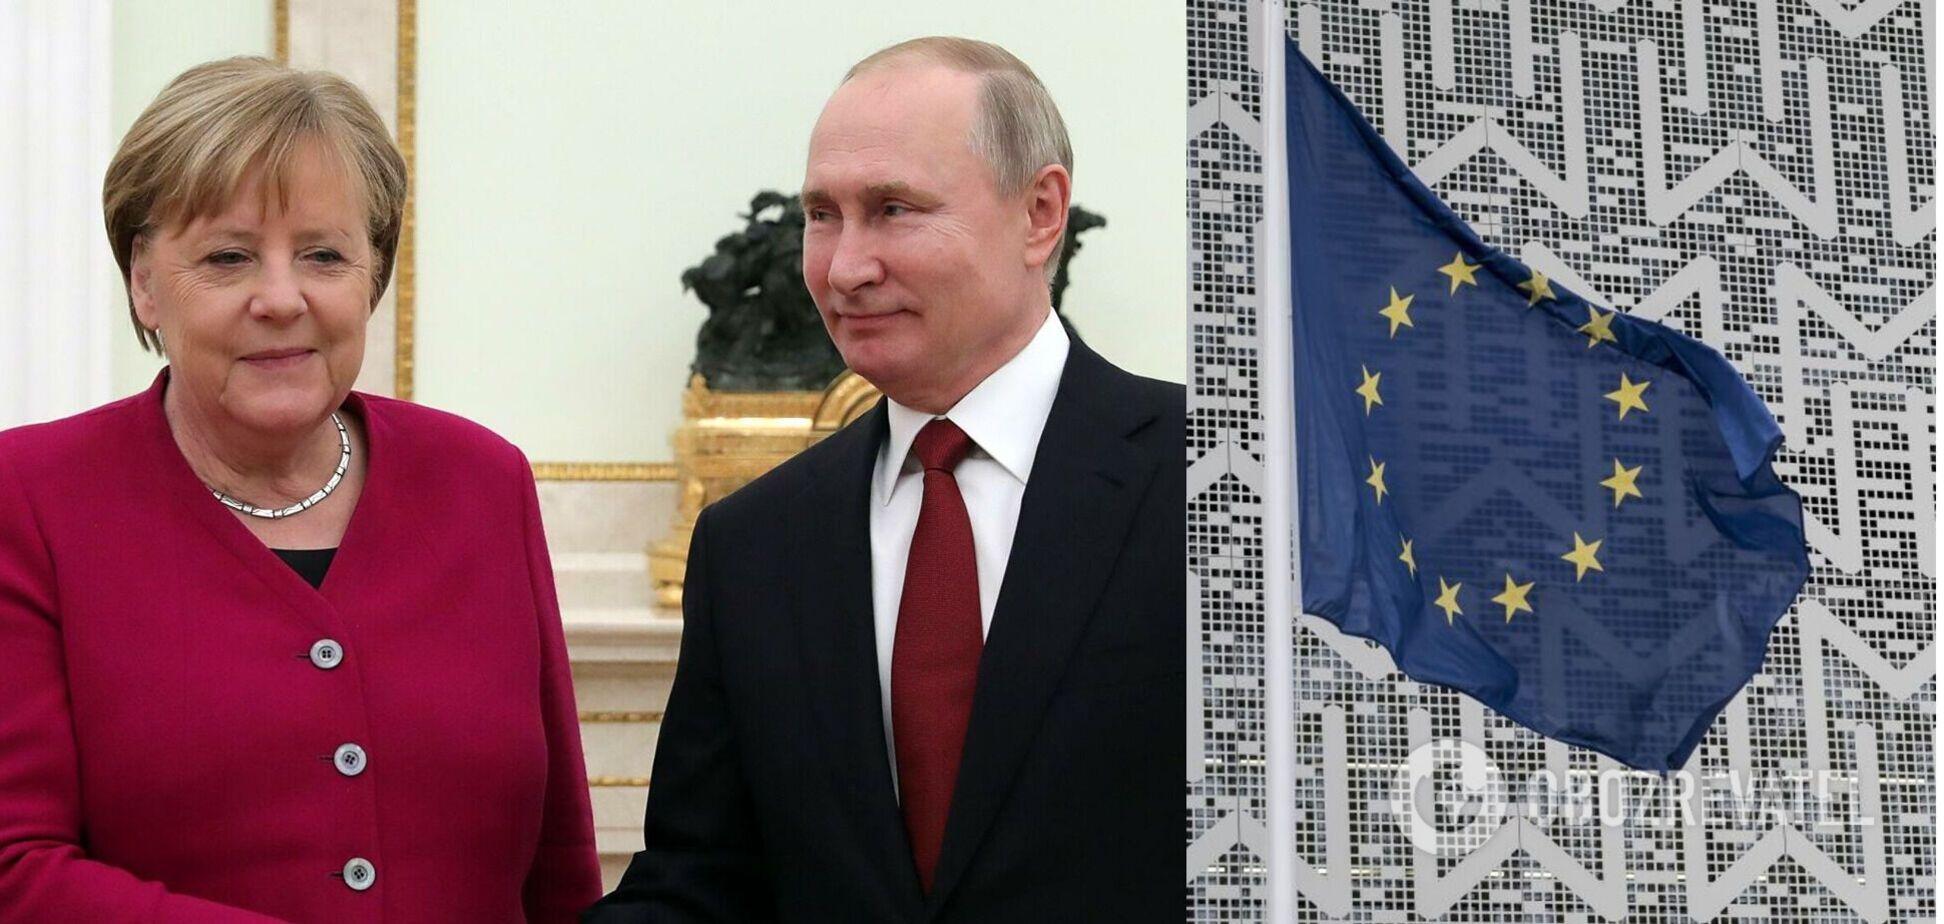 Лідери ЄС відмовилися провести саміт із Путіним: Меркель розповіла про 'непросту' дискусію